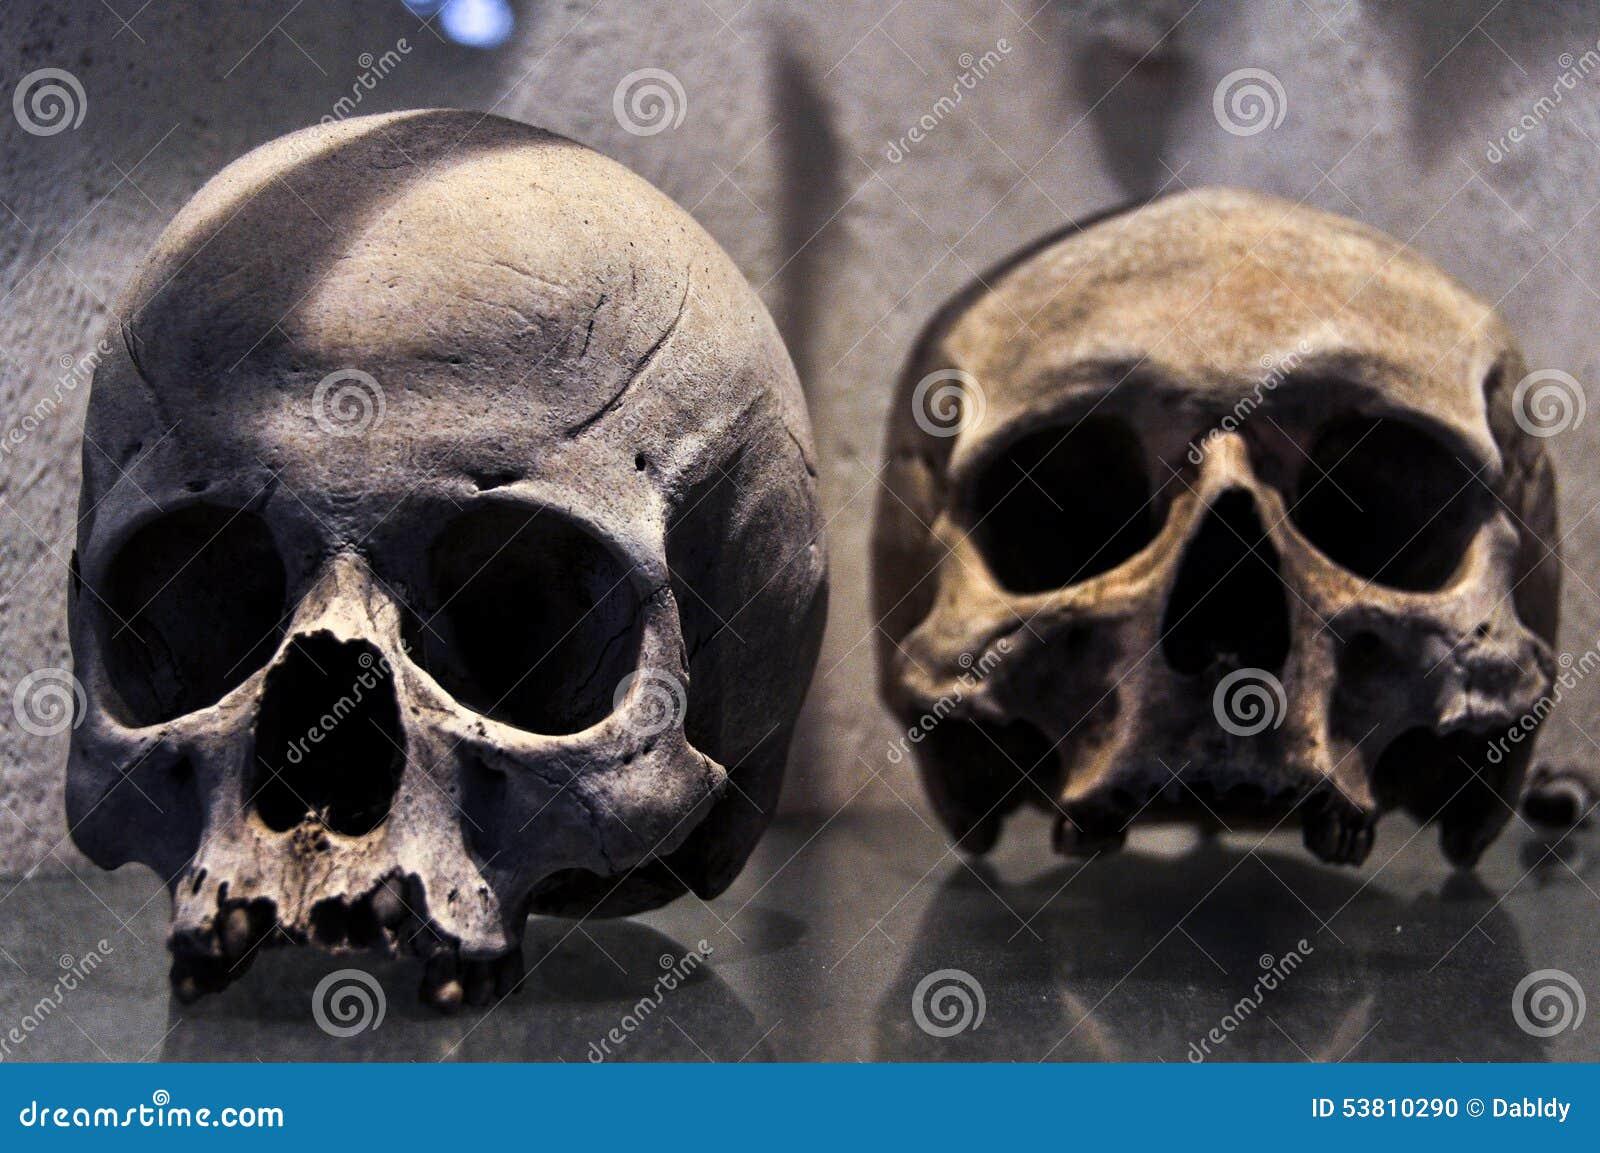 Cráneo humano foto de archivo. Imagen de ciencia, huesos - 53810290